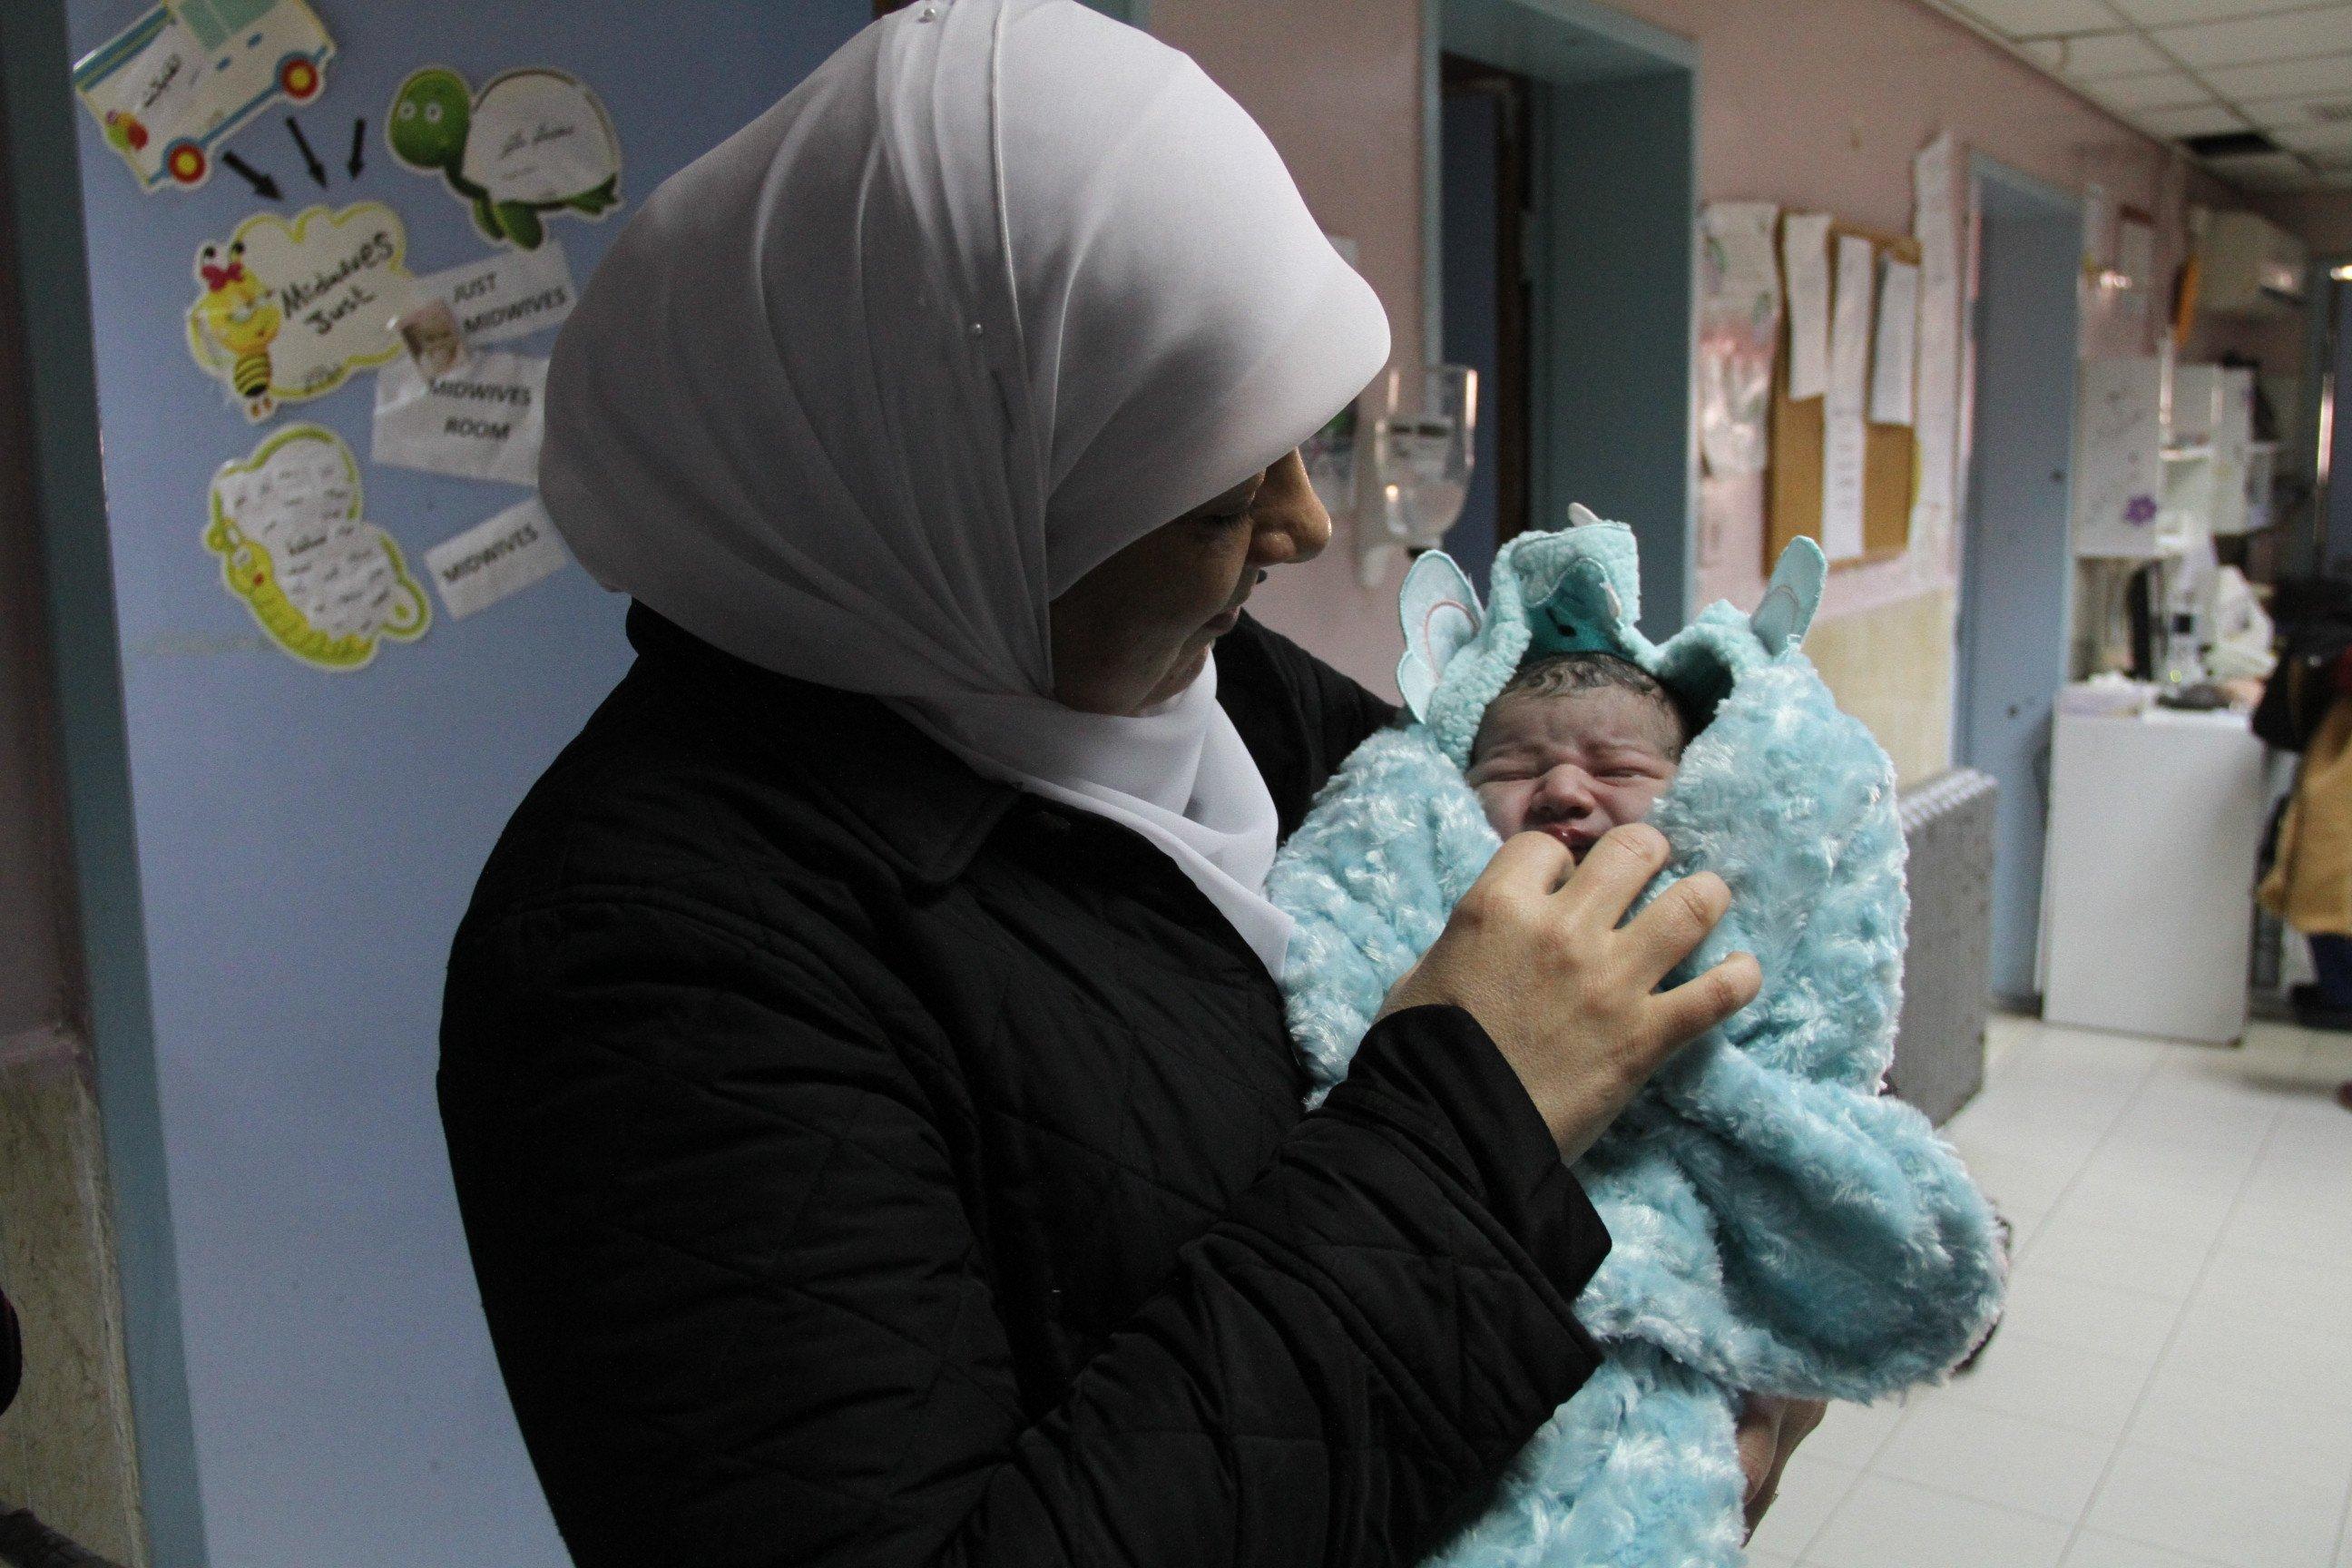 تشييع جثمان الشهيد الطفل ليث ابو نعيم وتستقبل ليثا جديدا من ذات البلدة